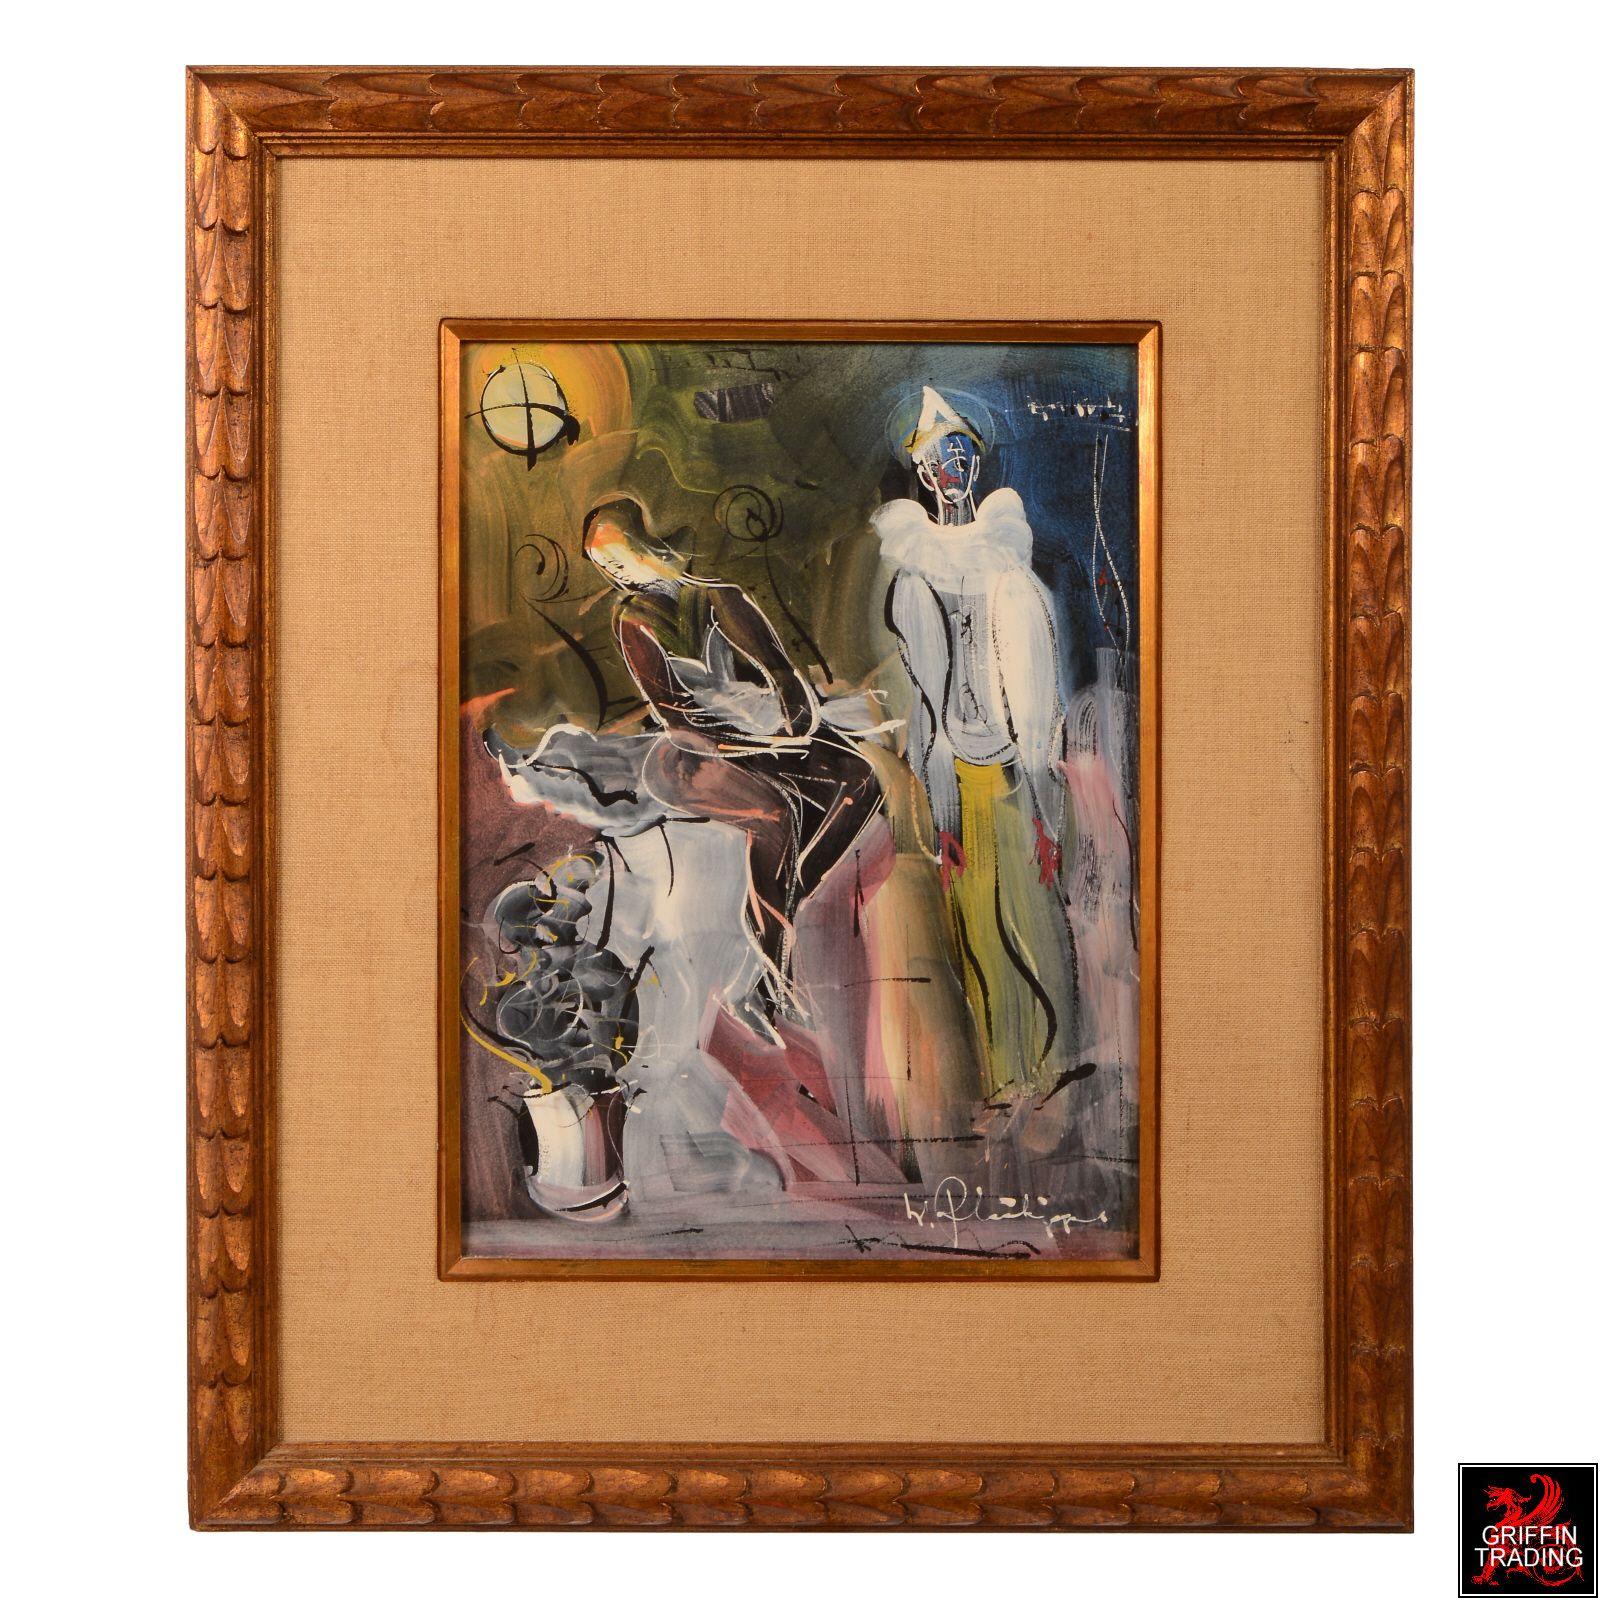 WalterPhilipp3HG.jpg (1600×1600) Painting, Original